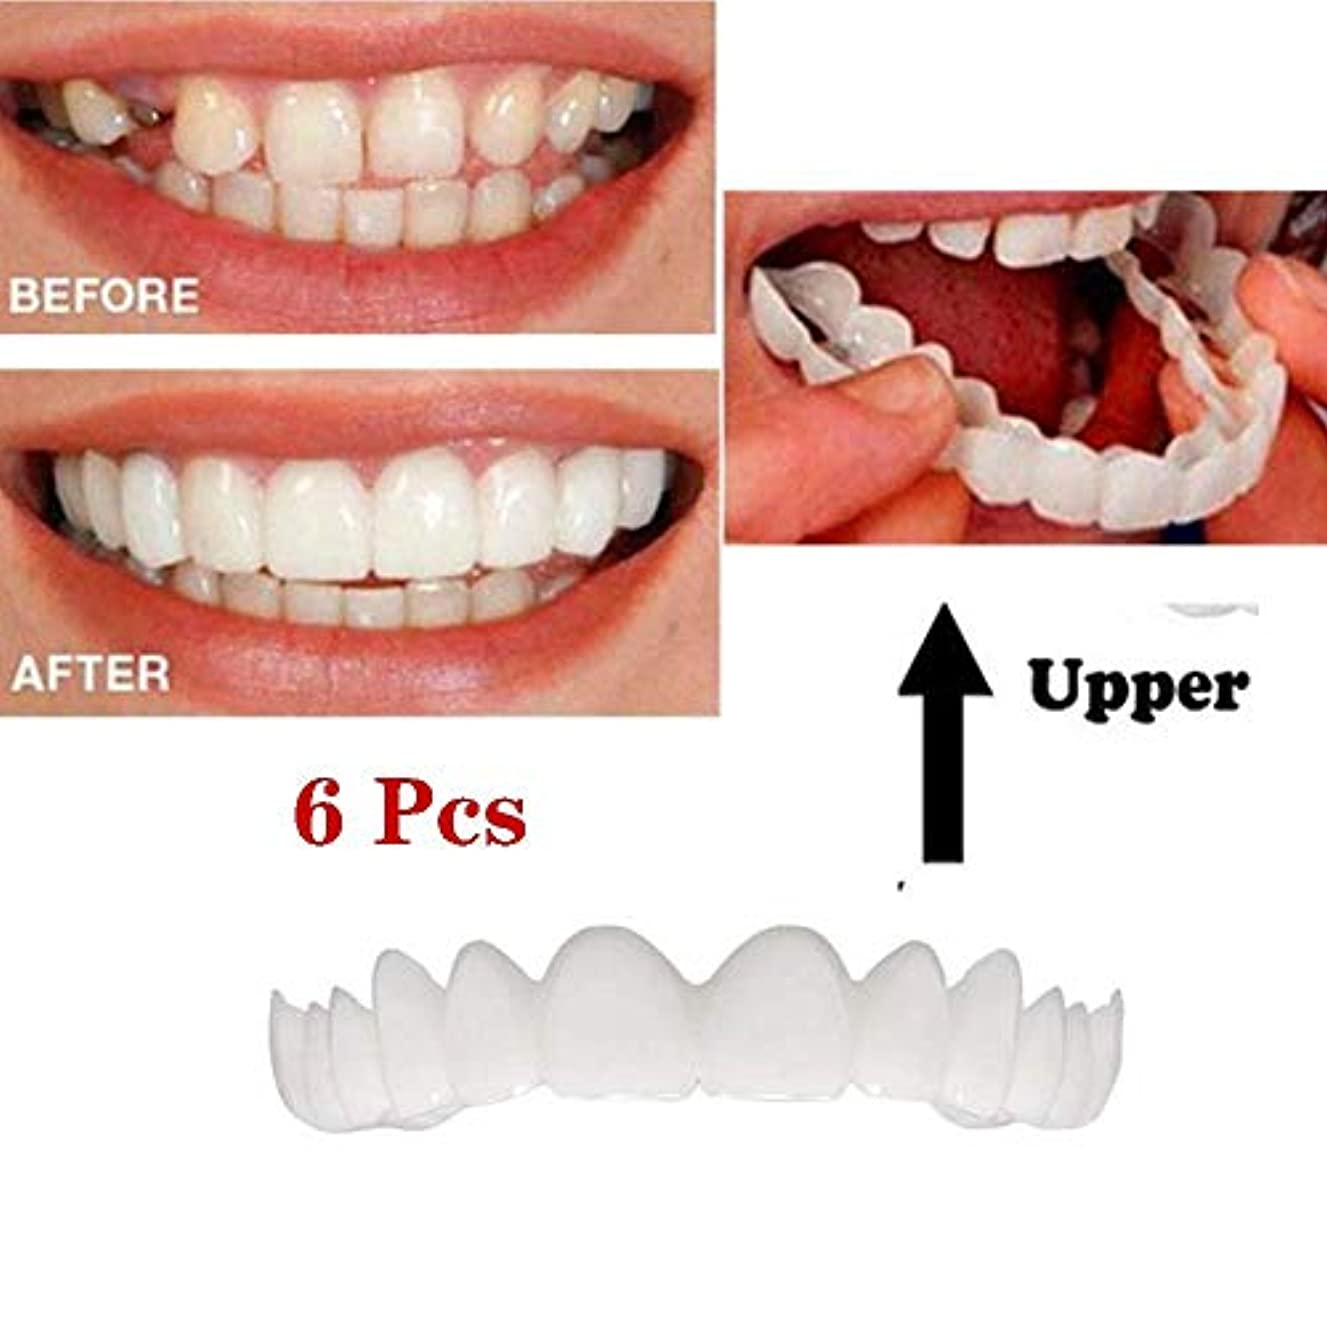 冷蔵庫断線不満6個シリコーン偽の歯偽歯カバーホワイトニング義歯オーラルケア歯ホワイトニングデンタルオーラルケアアッパーブレース仮化粧品歯義歯